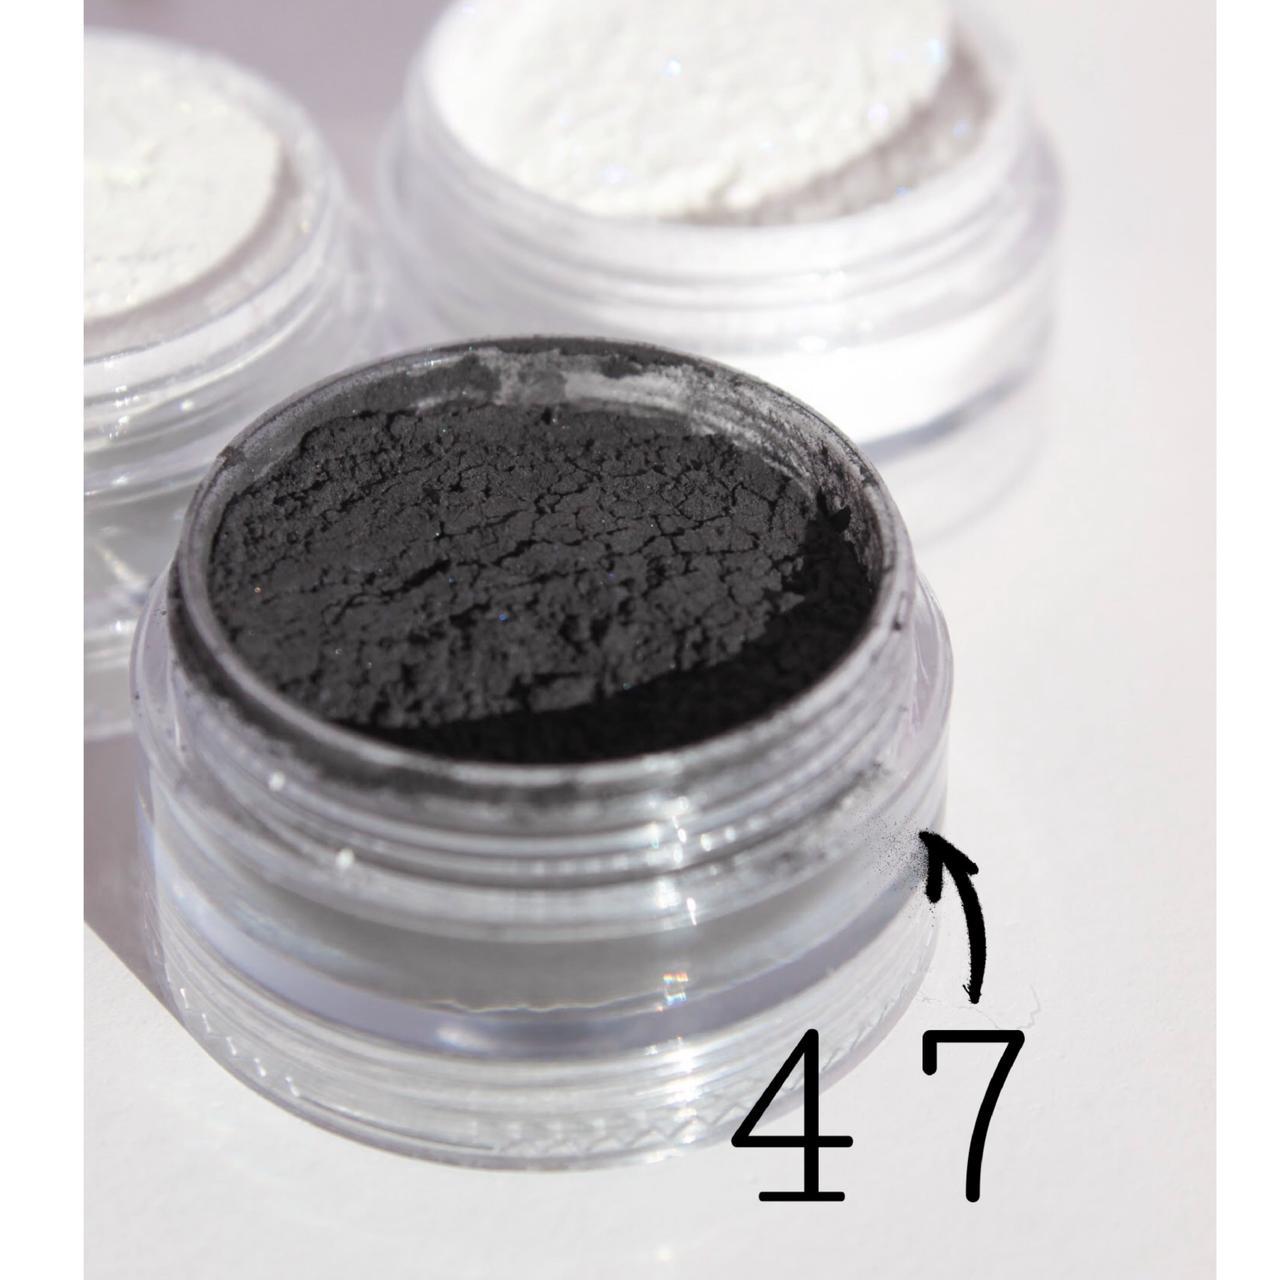 Мінеральні тіні Ніч (тон 47) 5 мл - розсипчасті з природних мінералів, в палітрі 54 відтінку!